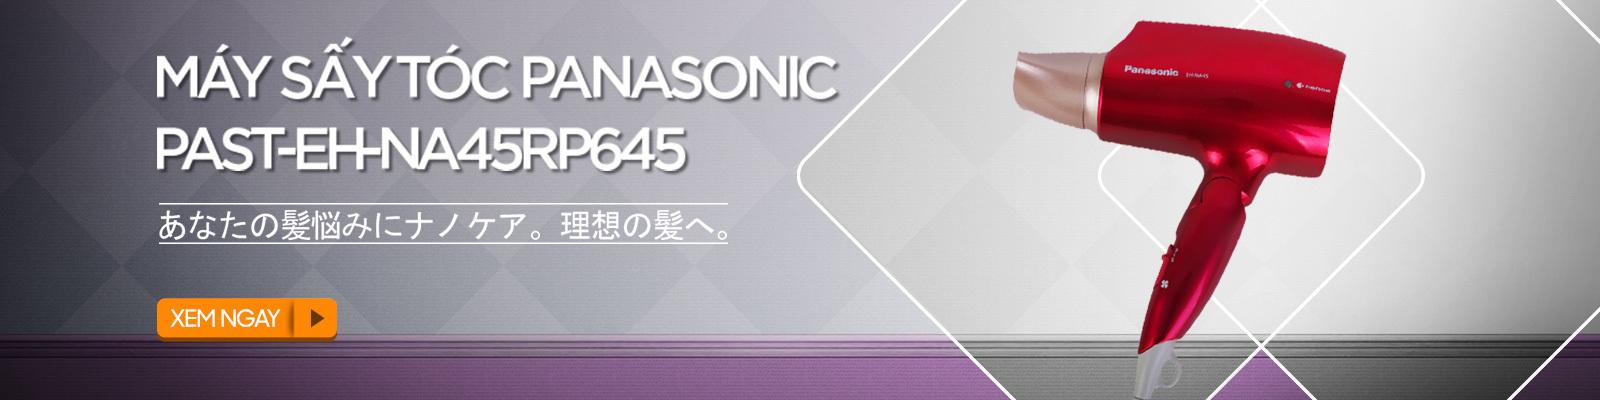 Máy sấy tóc Panasonic PAST-EH-NA45RP645